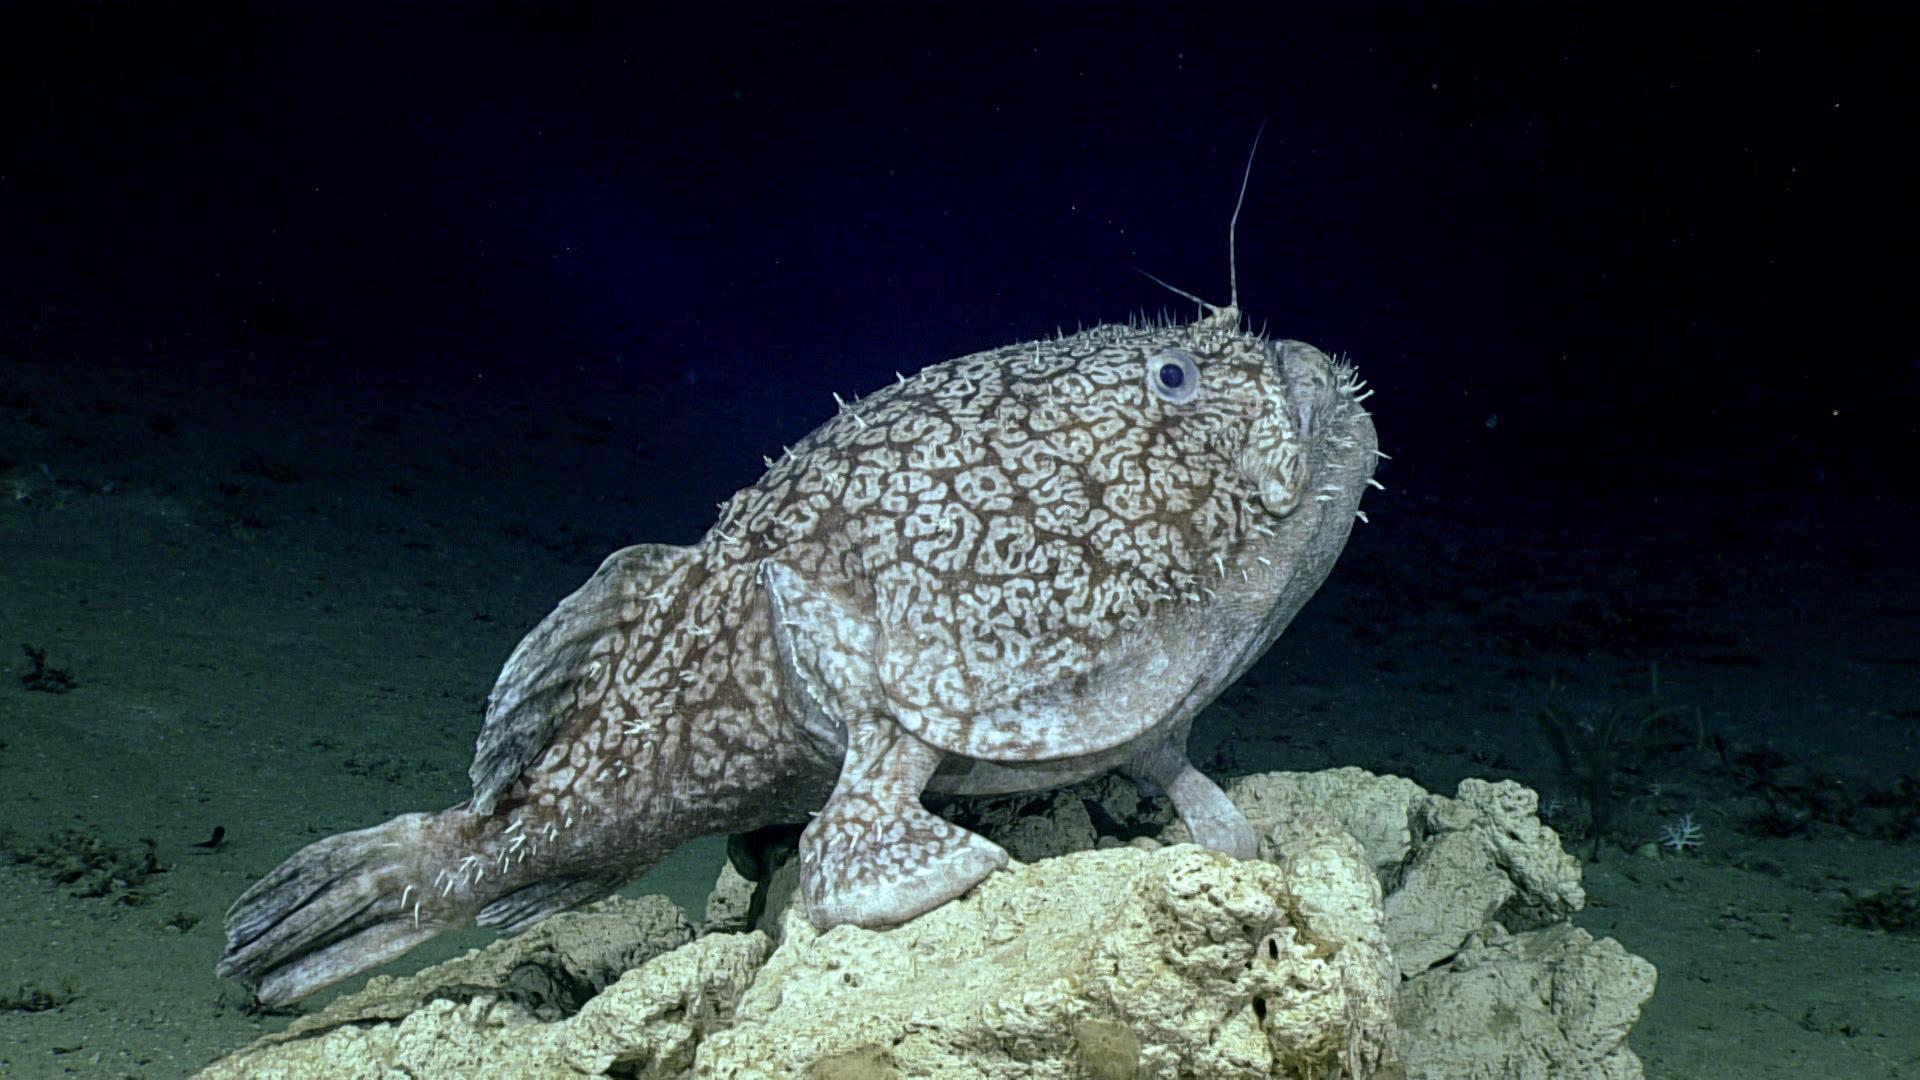 Ученые обнаружили рыбу, которая умеет ходить по дну